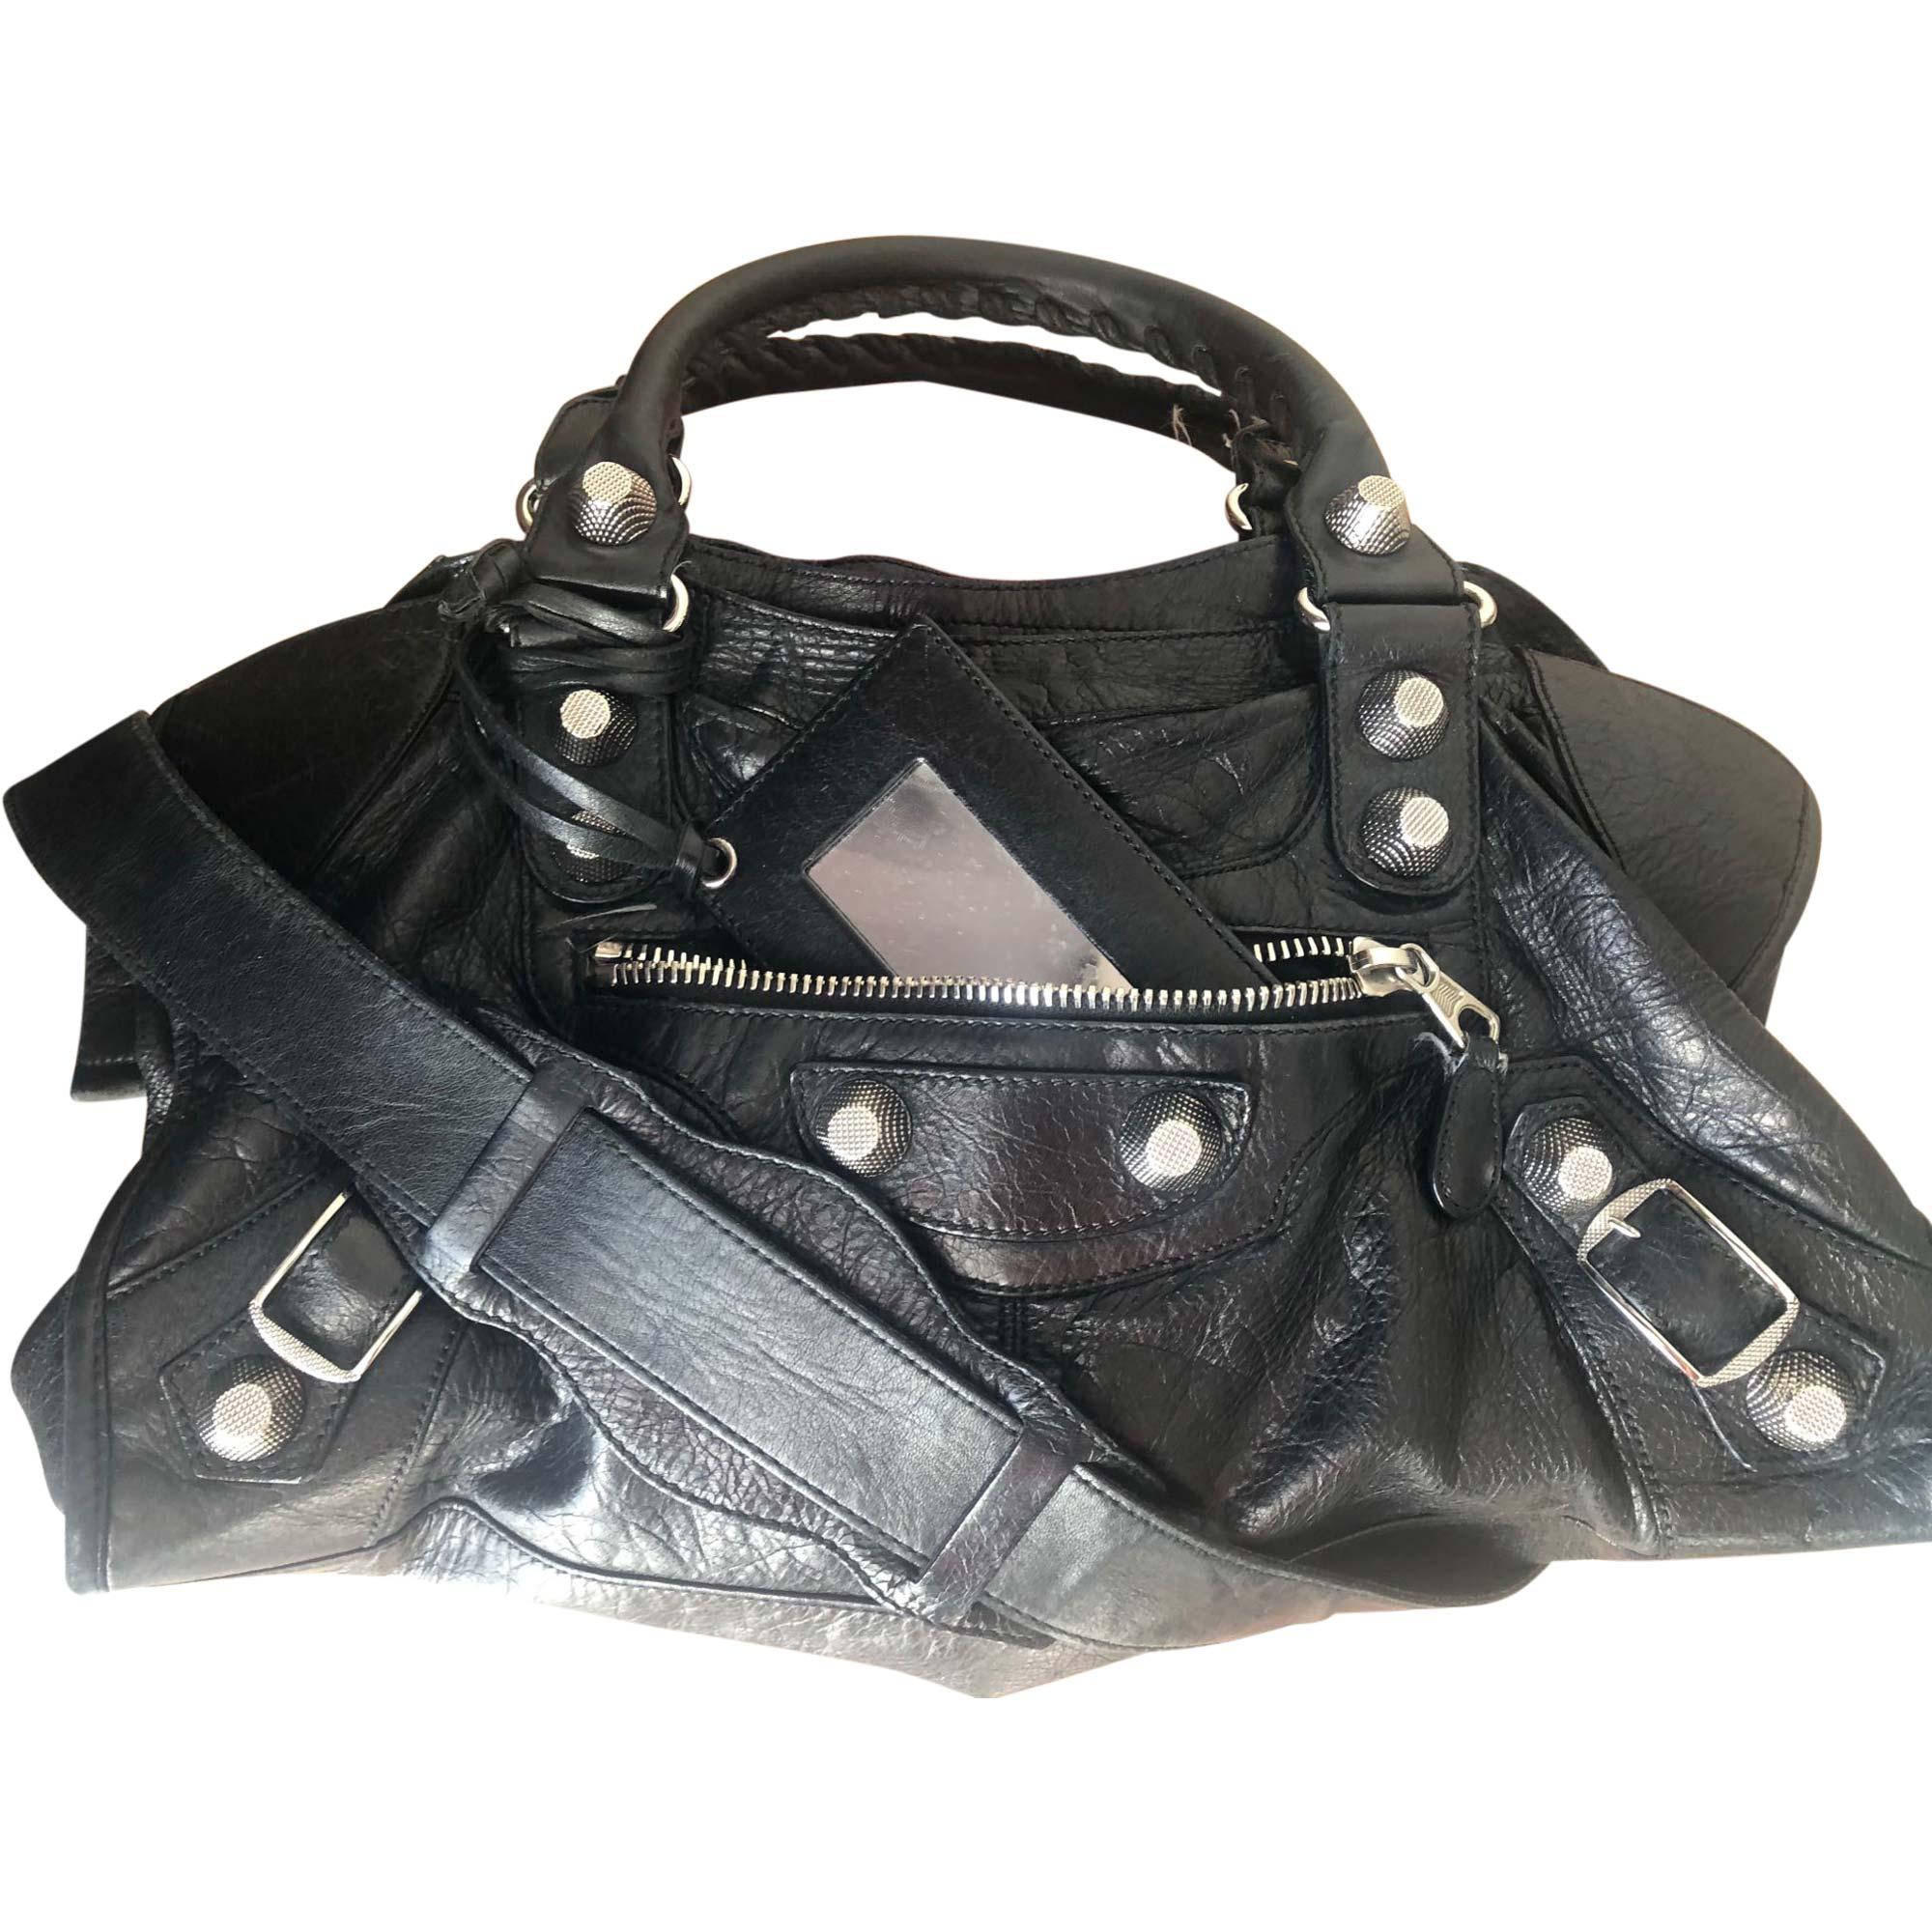 0ed3845c58 Sac en bandoulière en cuir BALENCIAGA noir vendu par Coraline 268 ...